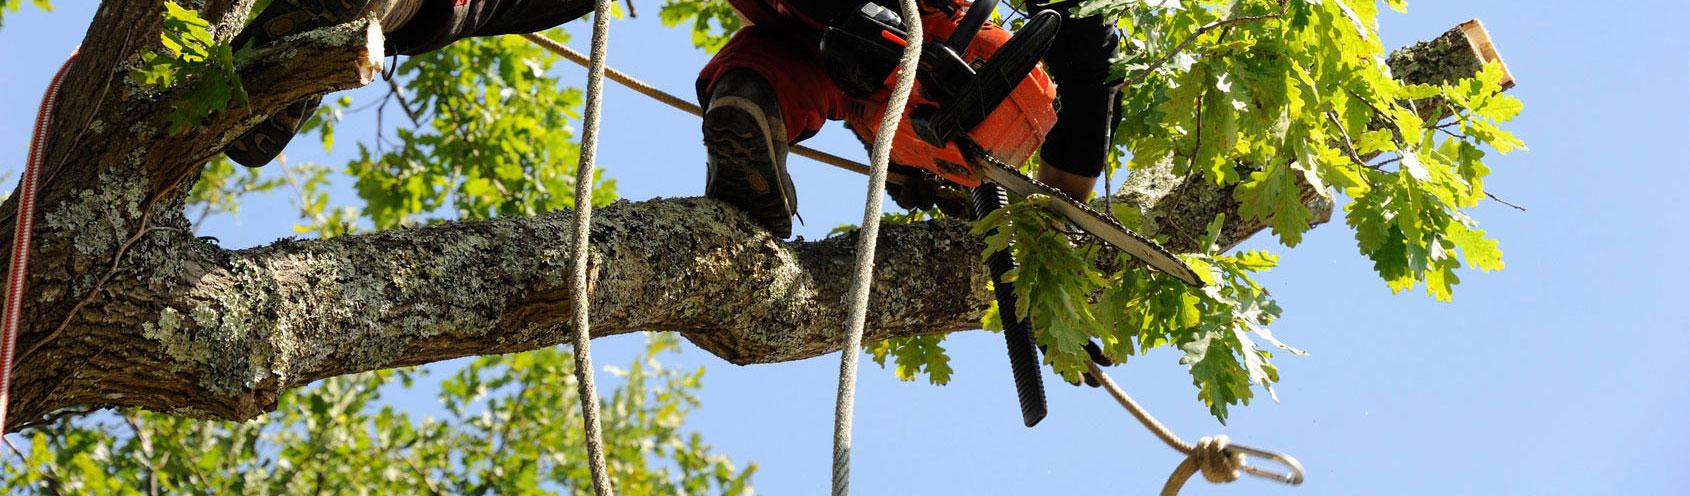 abattage-elagage-tous-types-arbres-jardins-94-aidlib